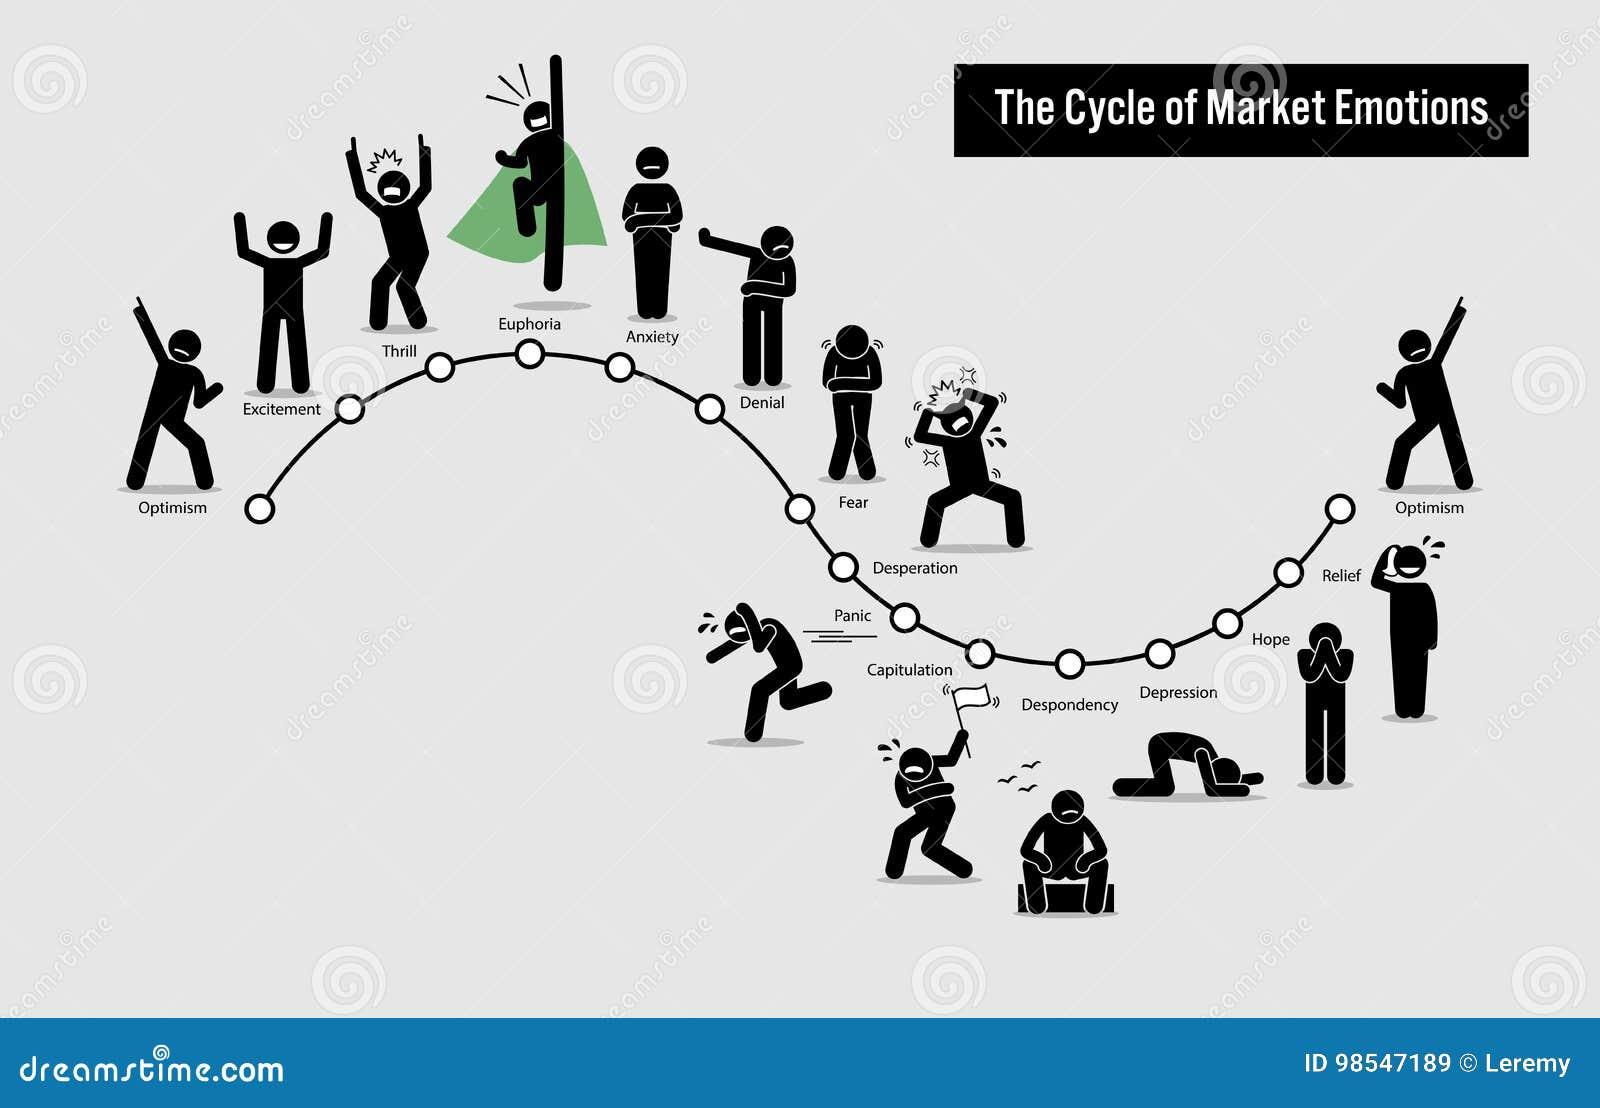 股市情感的周期